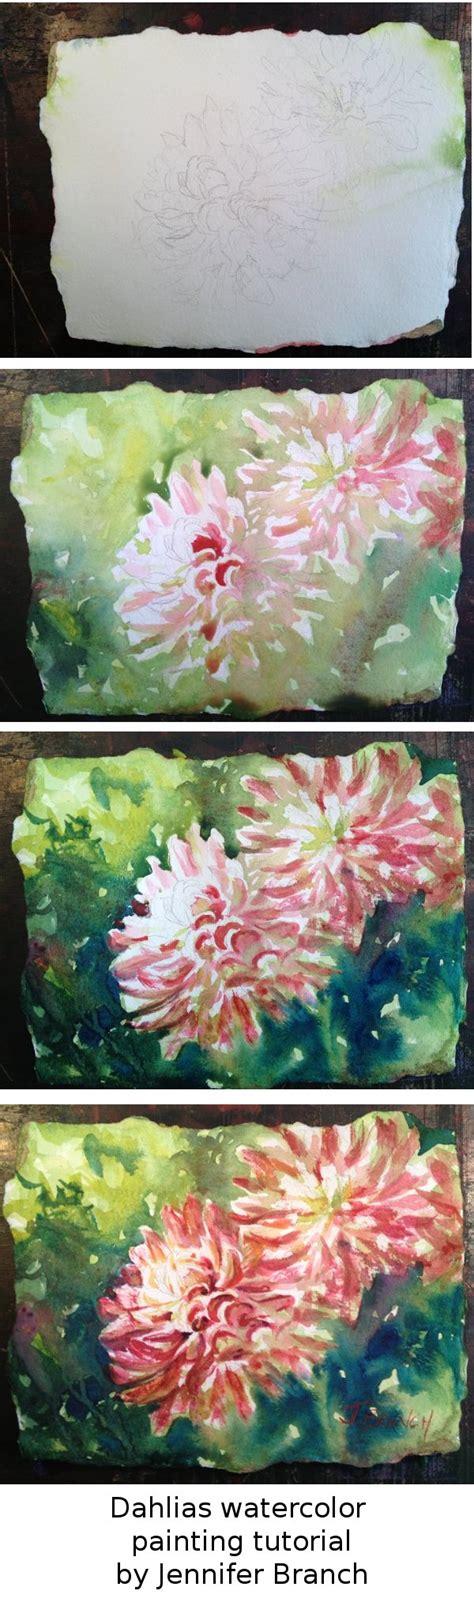 watercolor garden tutorial dahlia watercolor painting tutorial